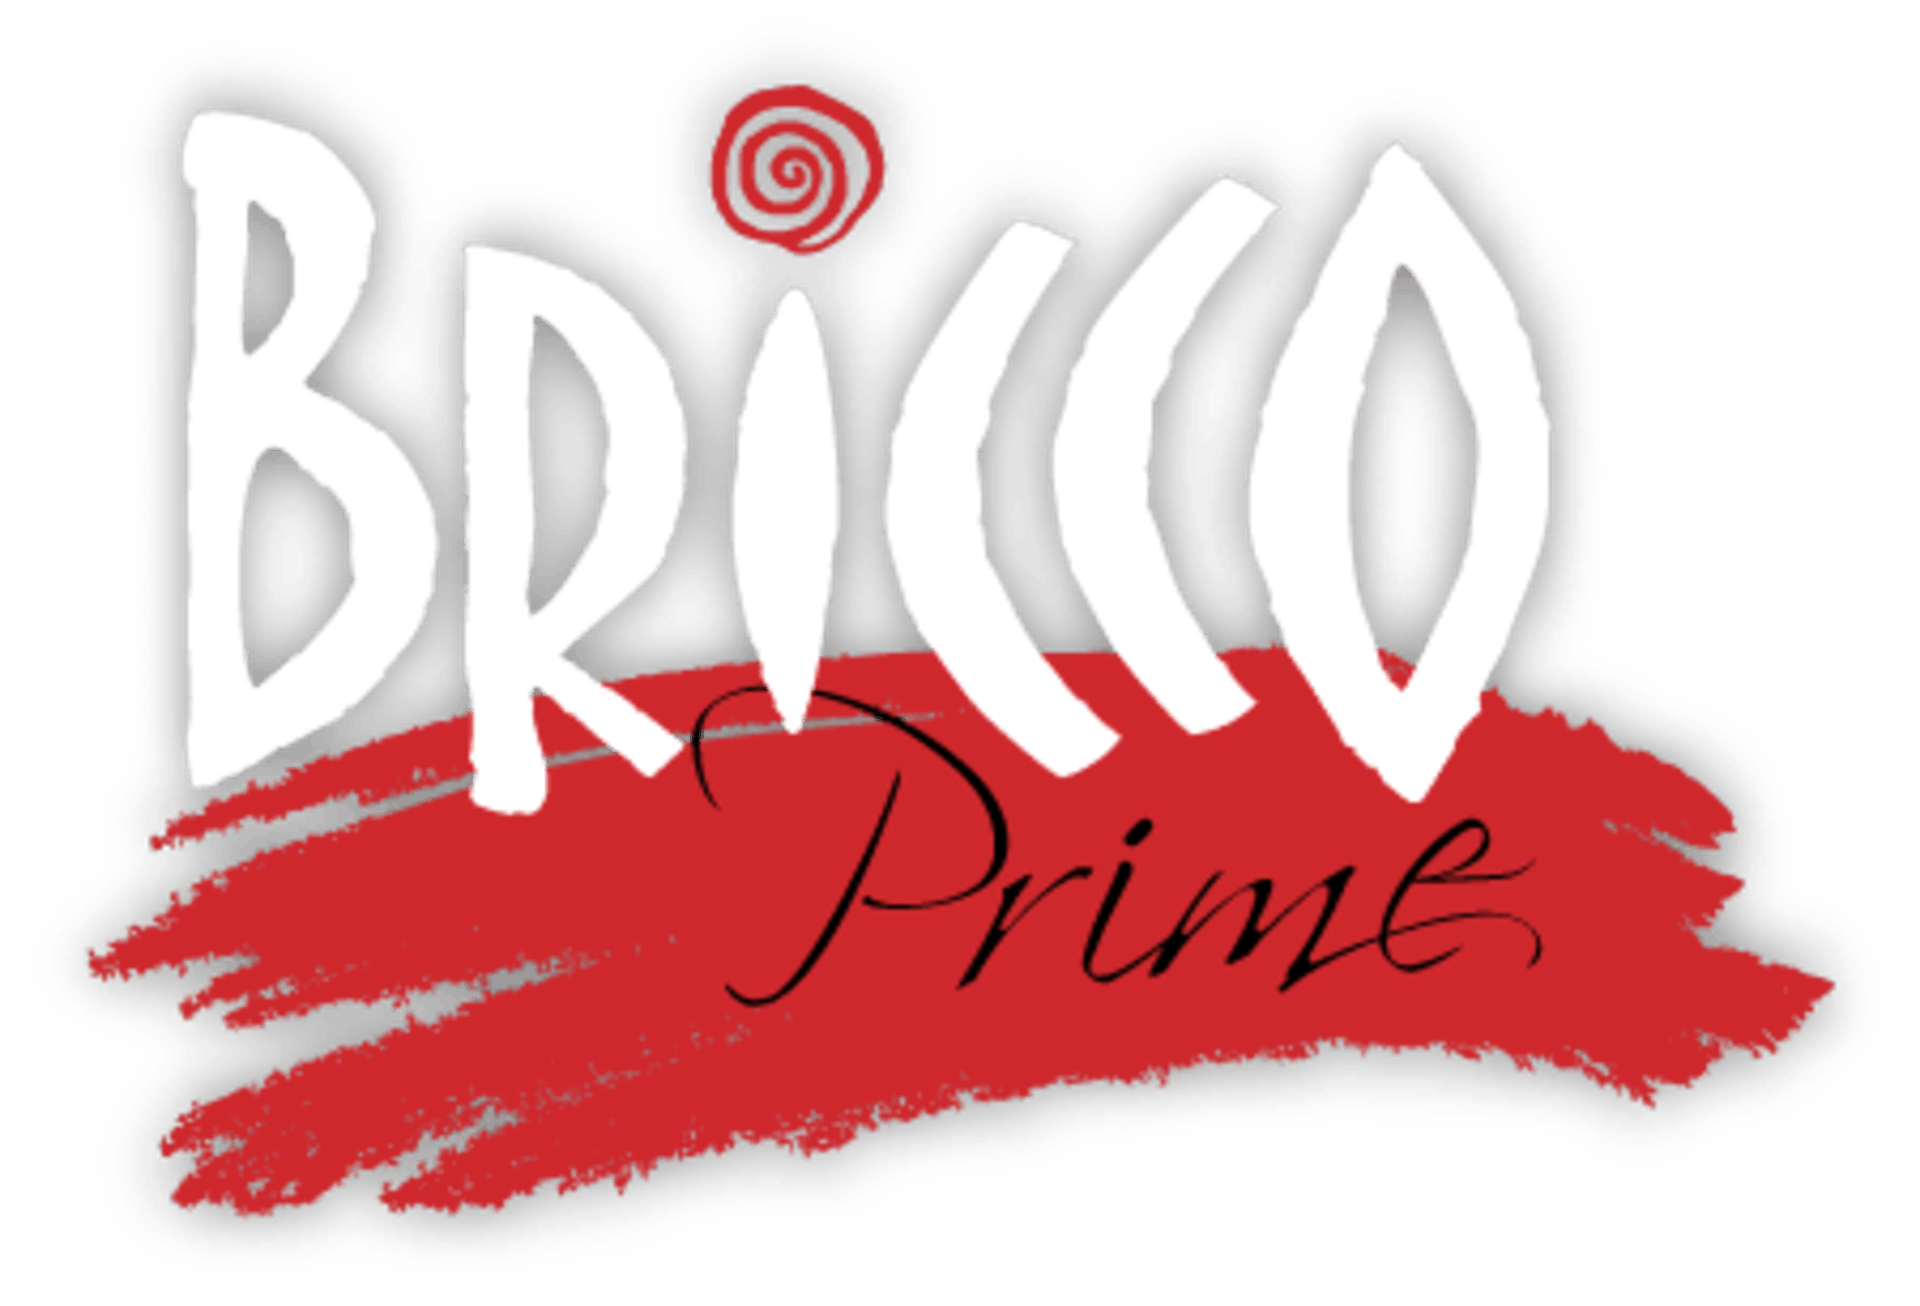 Bricco Prime Logo